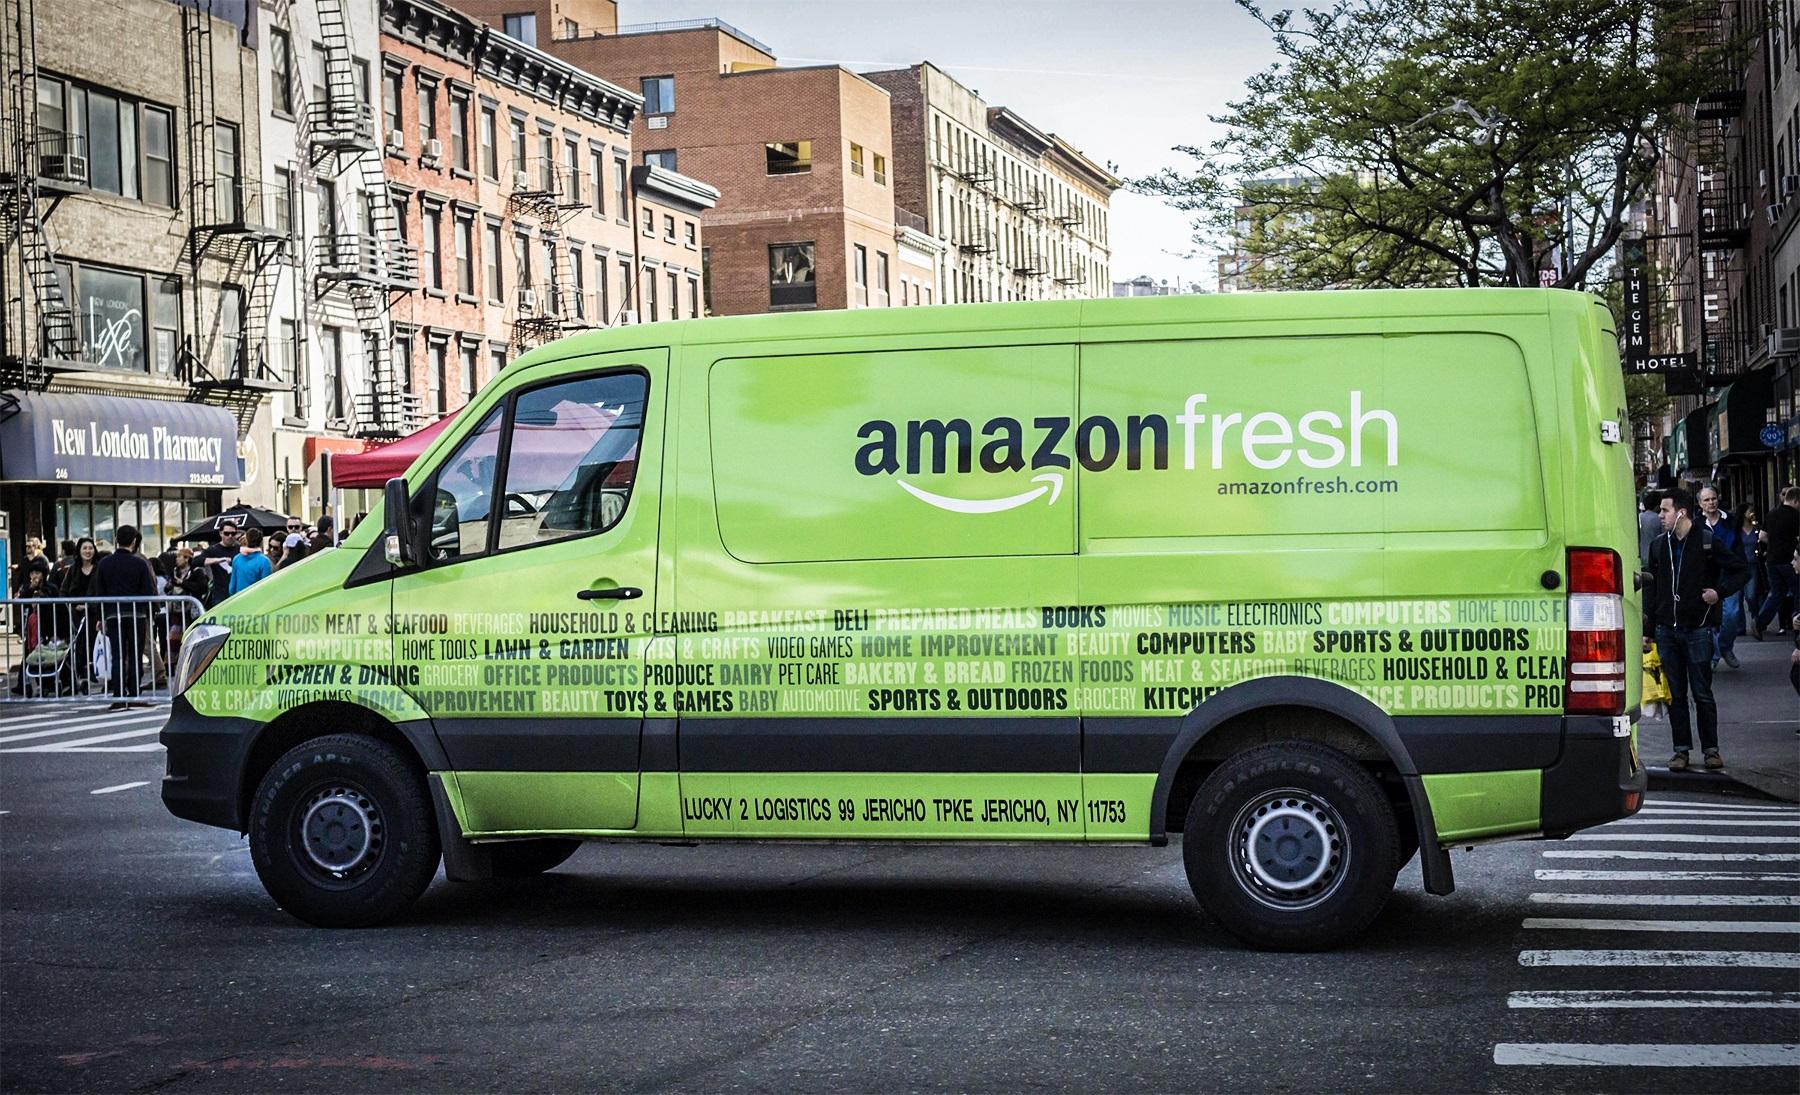 Amazon Fresh DPA - Amazon continúa desarrollando su negocio de alimentos frescos en Europa